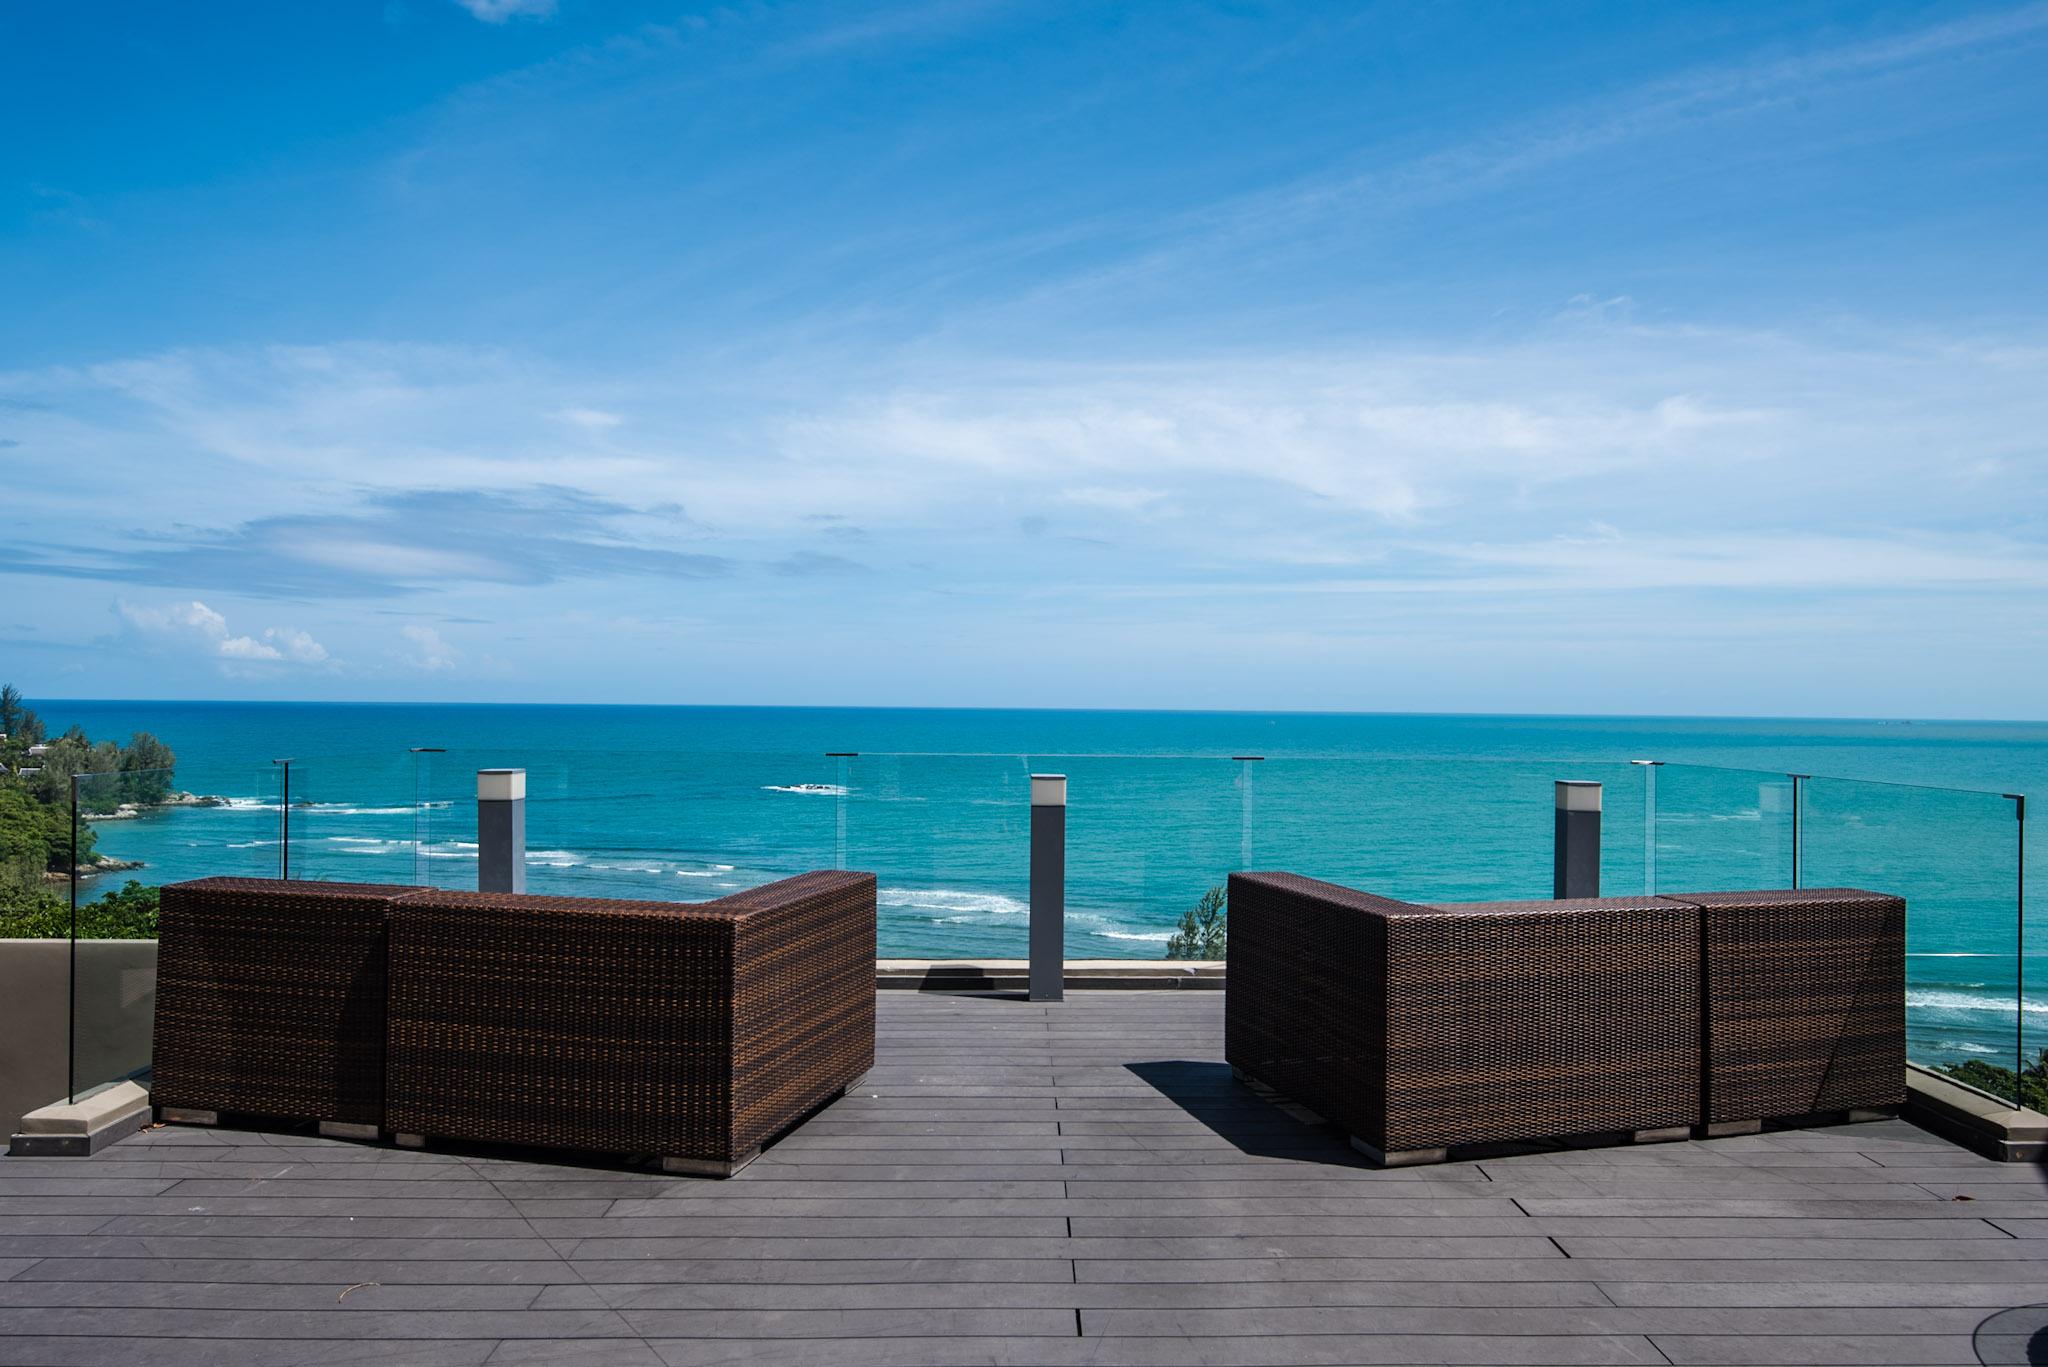 View from Sunset Grill The Pool Bar - Hyatt Regency Phuket Resort